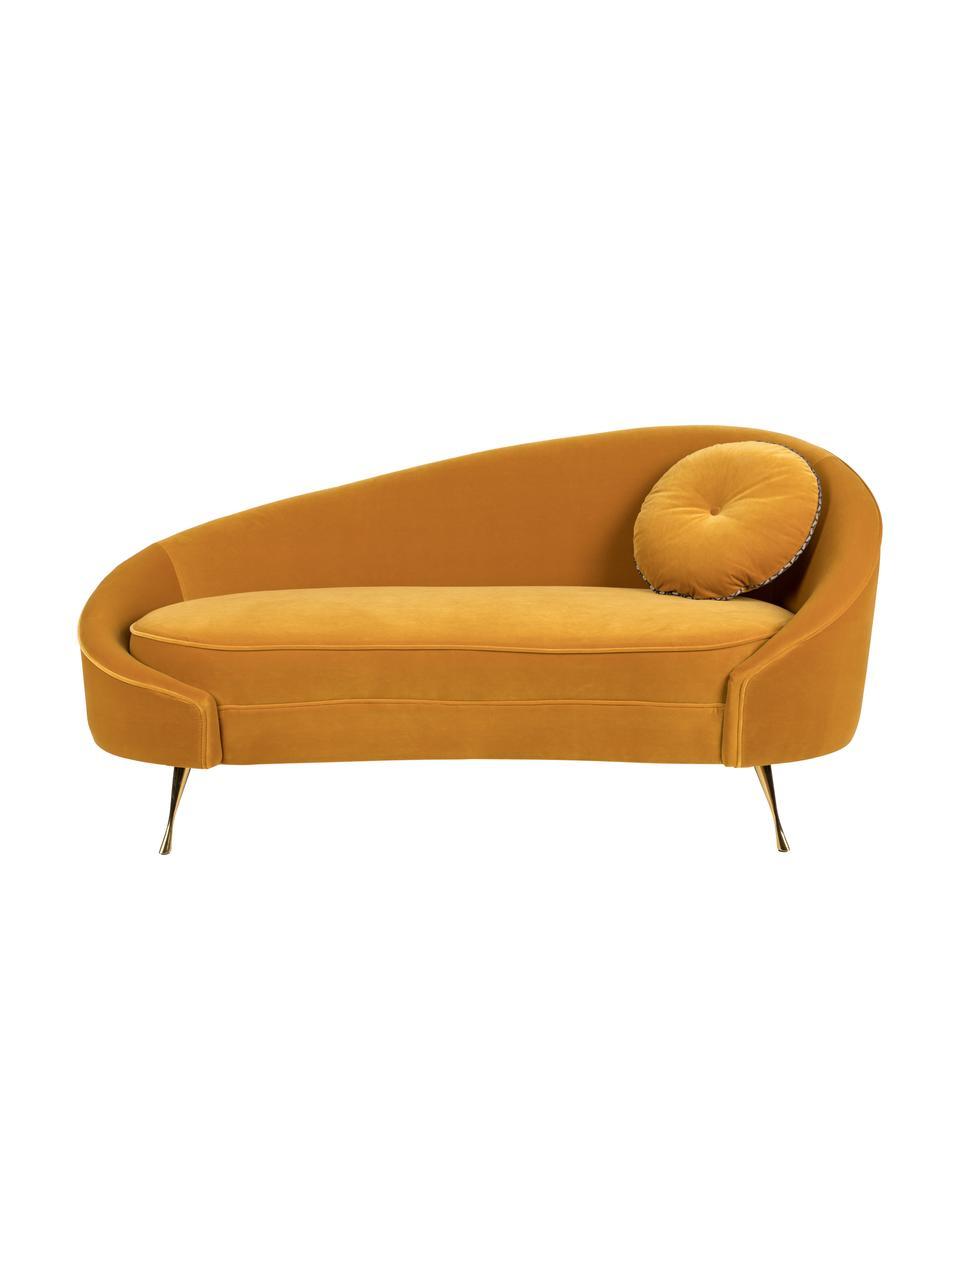 Sofa z aksamitu I Am Not A Croissant (2-osobowa), Tapicerka: aksamit poliestrowy 30 00, Nogi: stal szlachetna, powlekan, Aksamitny brunatnożółty, S 168 x W 76 cm